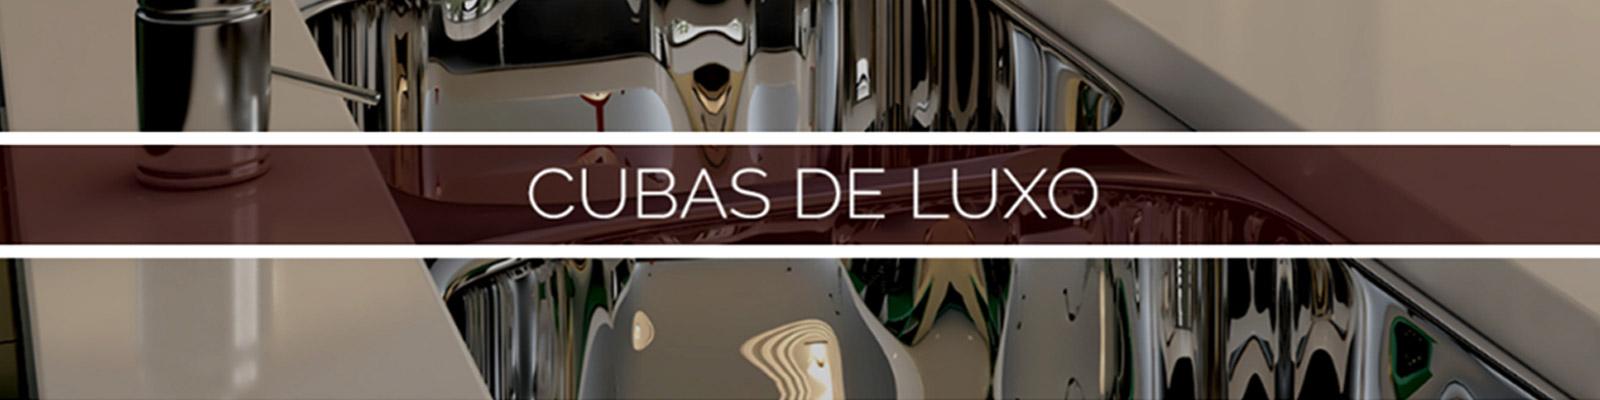 Cubas de Luxo